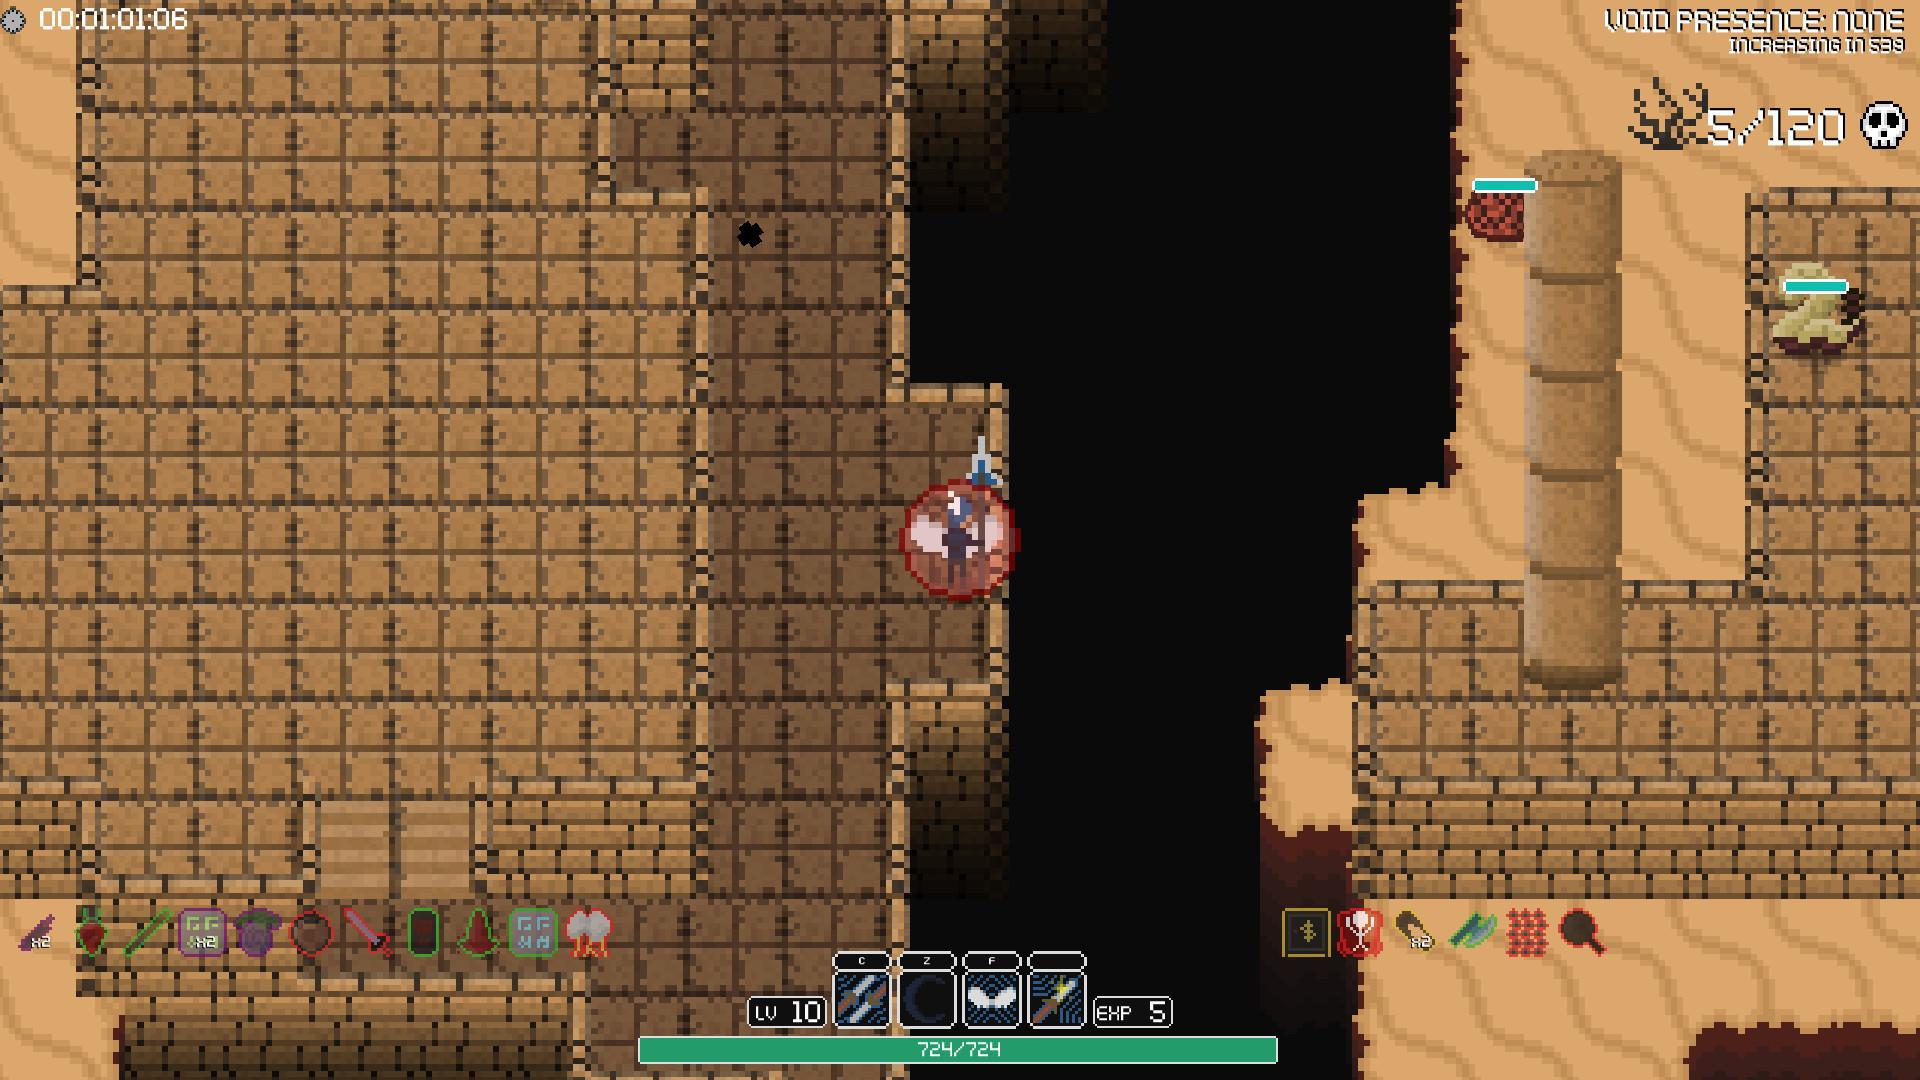 Outrealm Screenshot 4